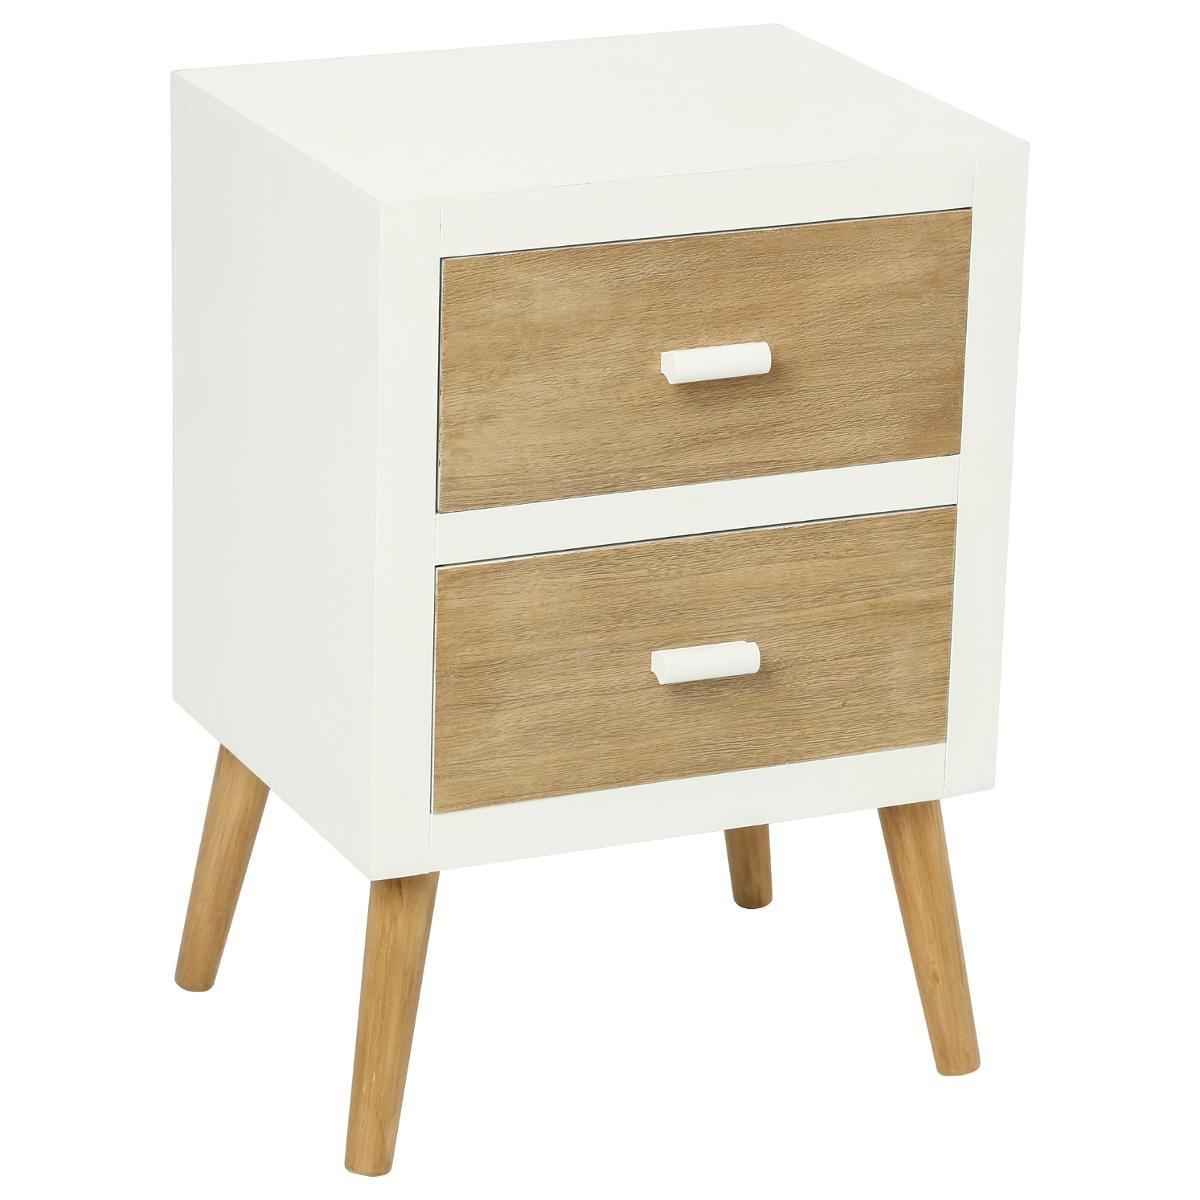 meuble de chevet 2 tiroirs esprit scandinave coloris bois et blanc amazonfr cuisine maison